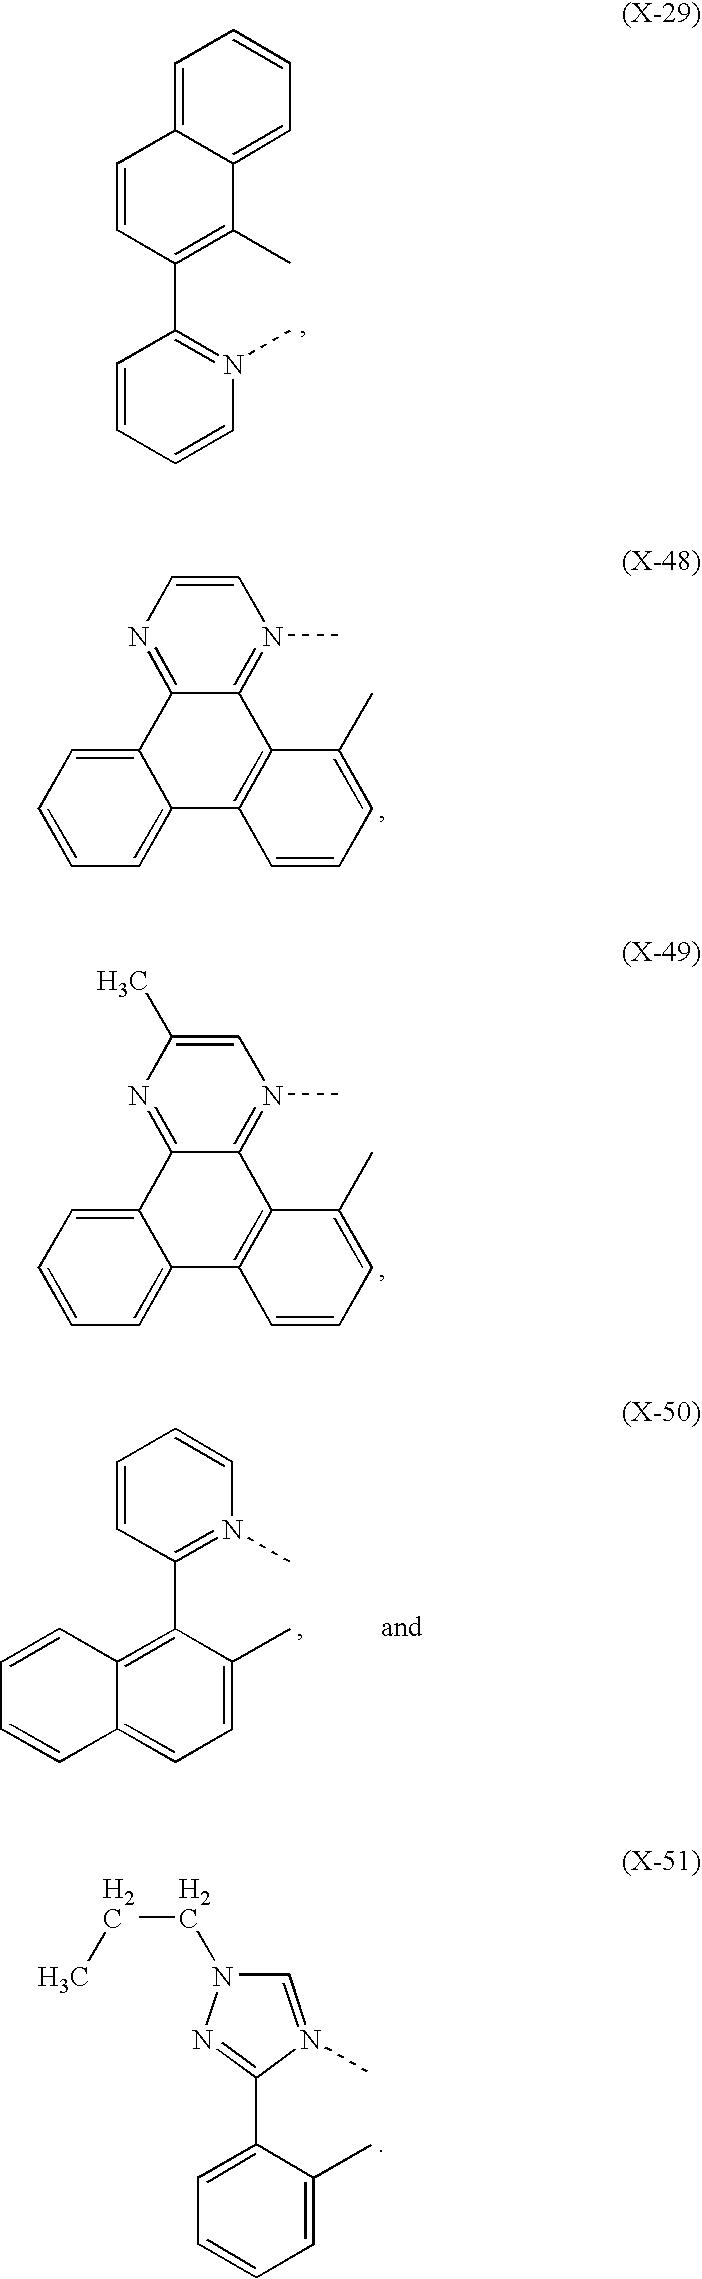 Figure US09362510-20160607-C00052